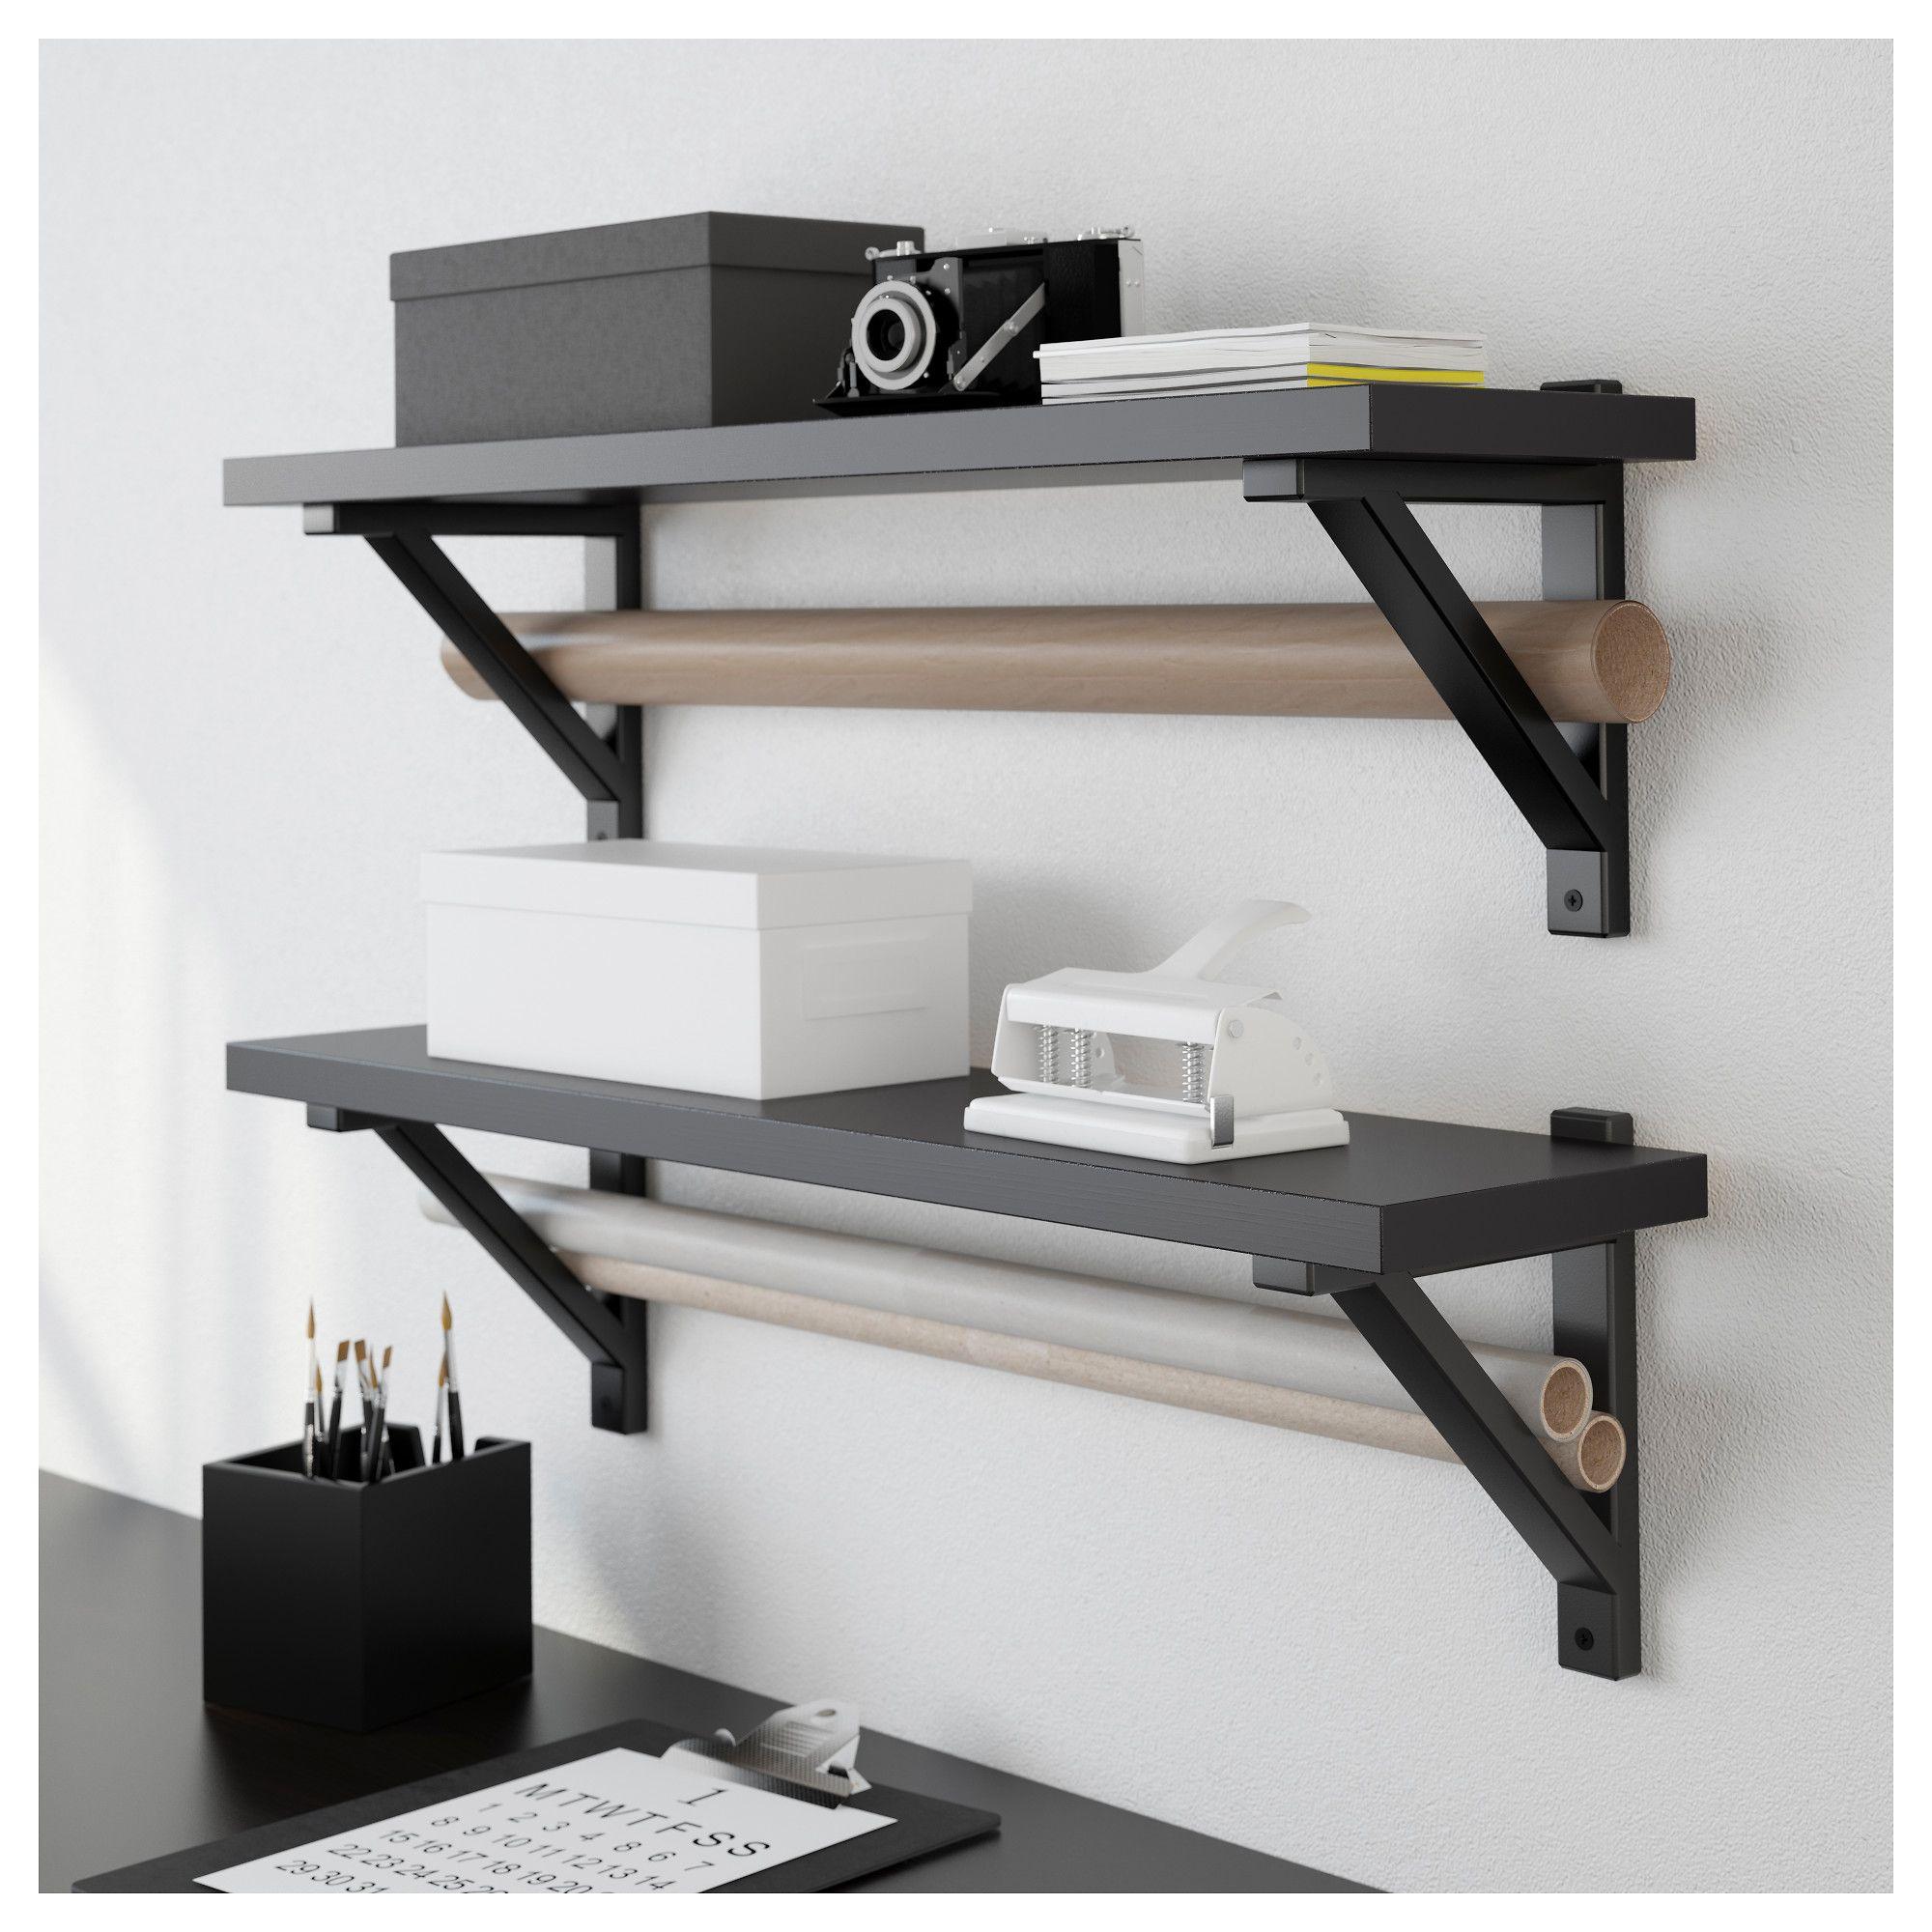 ekby j rpen ekby valter wall shelf black brown black in 2019 rh pinterest com